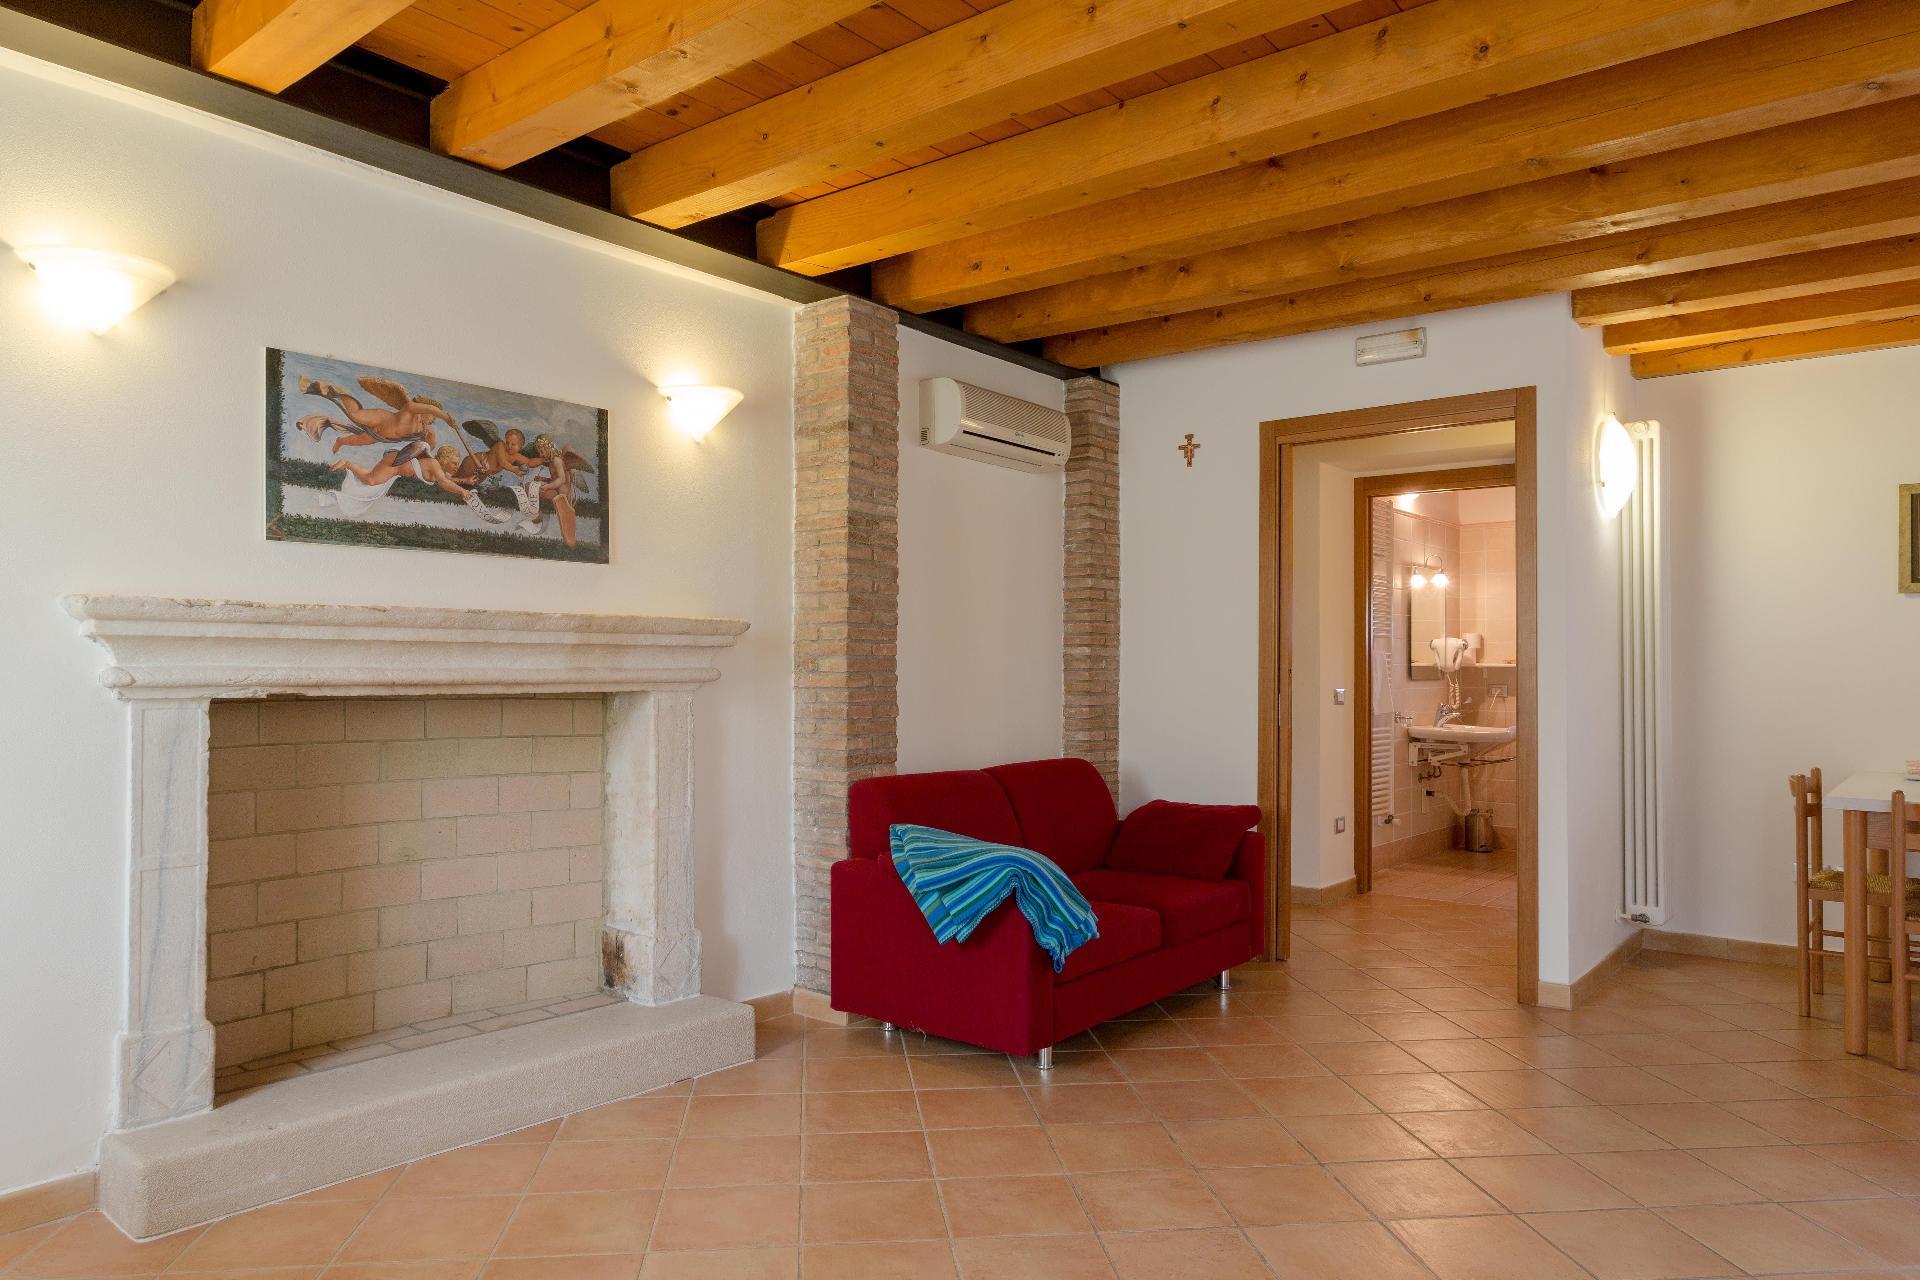 Ferienwohnung für 2 Personen ca. 42 m² i Bauernhof in Italien